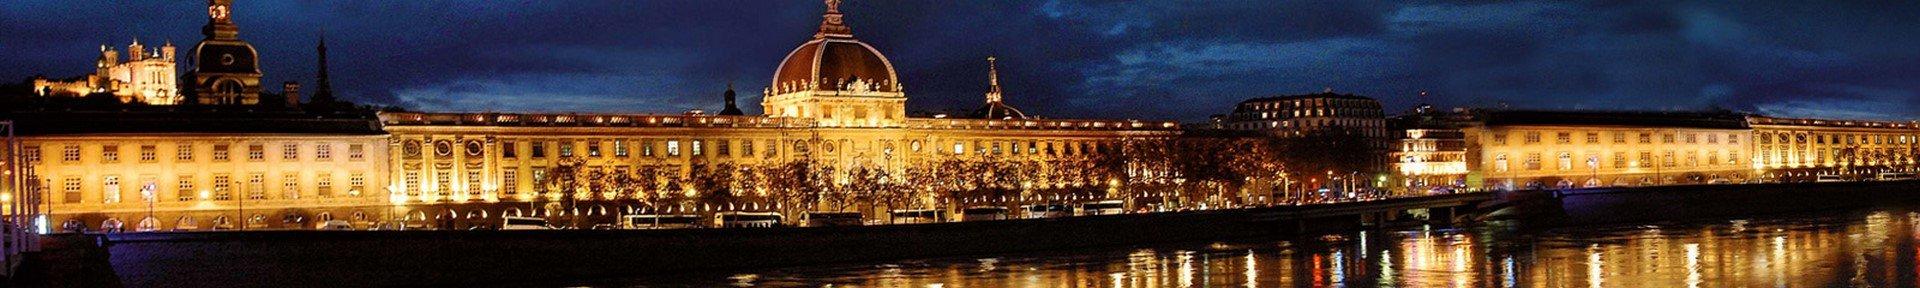 Photo de l'Hotel-Dieu la nuit à Lyon